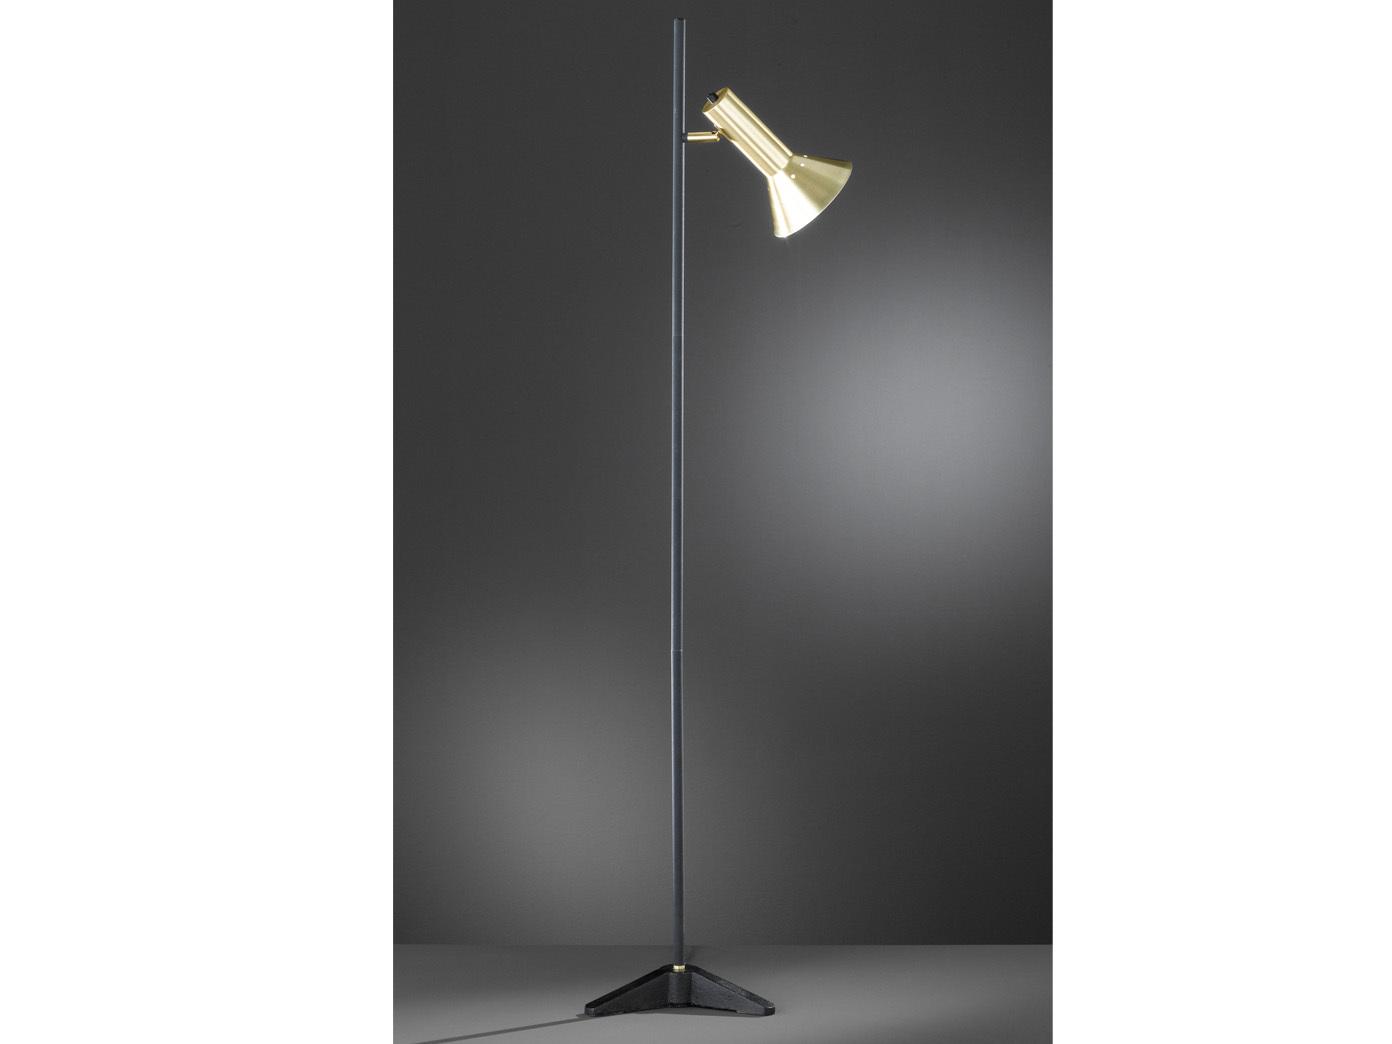 Retro Led Stehlampe Lampenschirm Schwenkbar Schwarz Gold